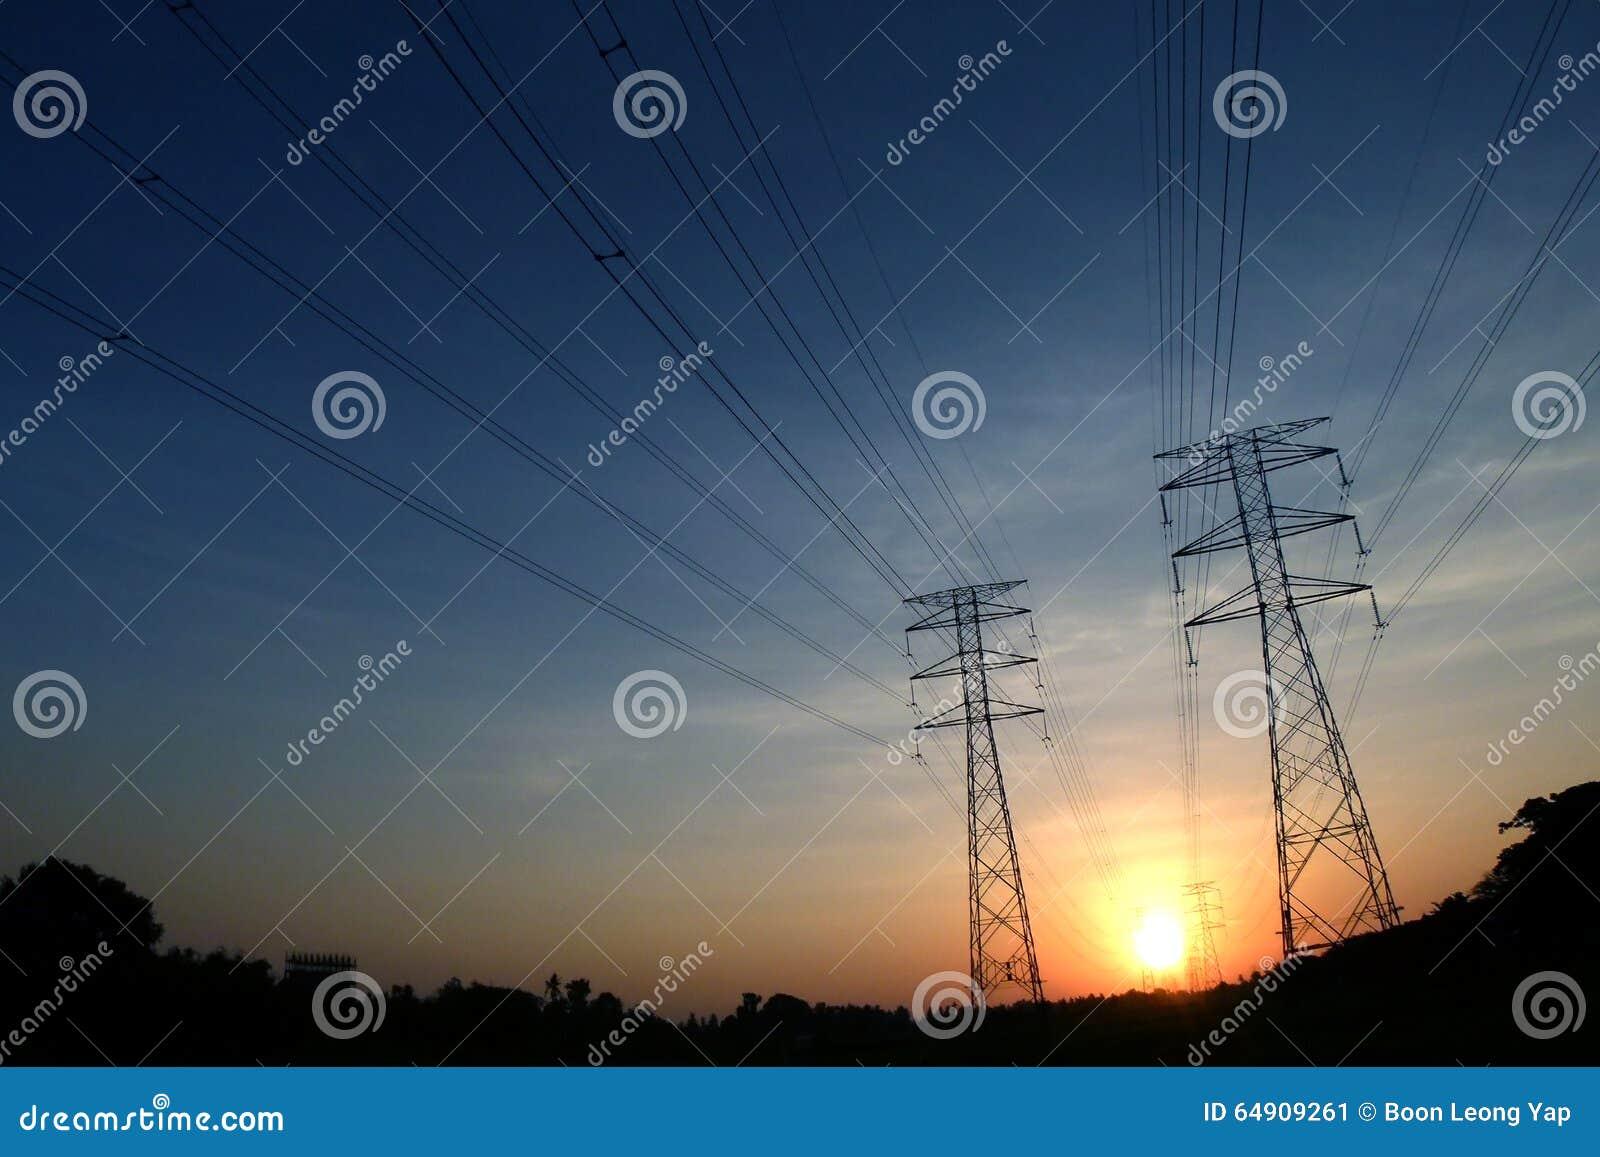 Elektrischer Turm Mit Draht Auf Schwarzem Schattenbild Am Frühen ...